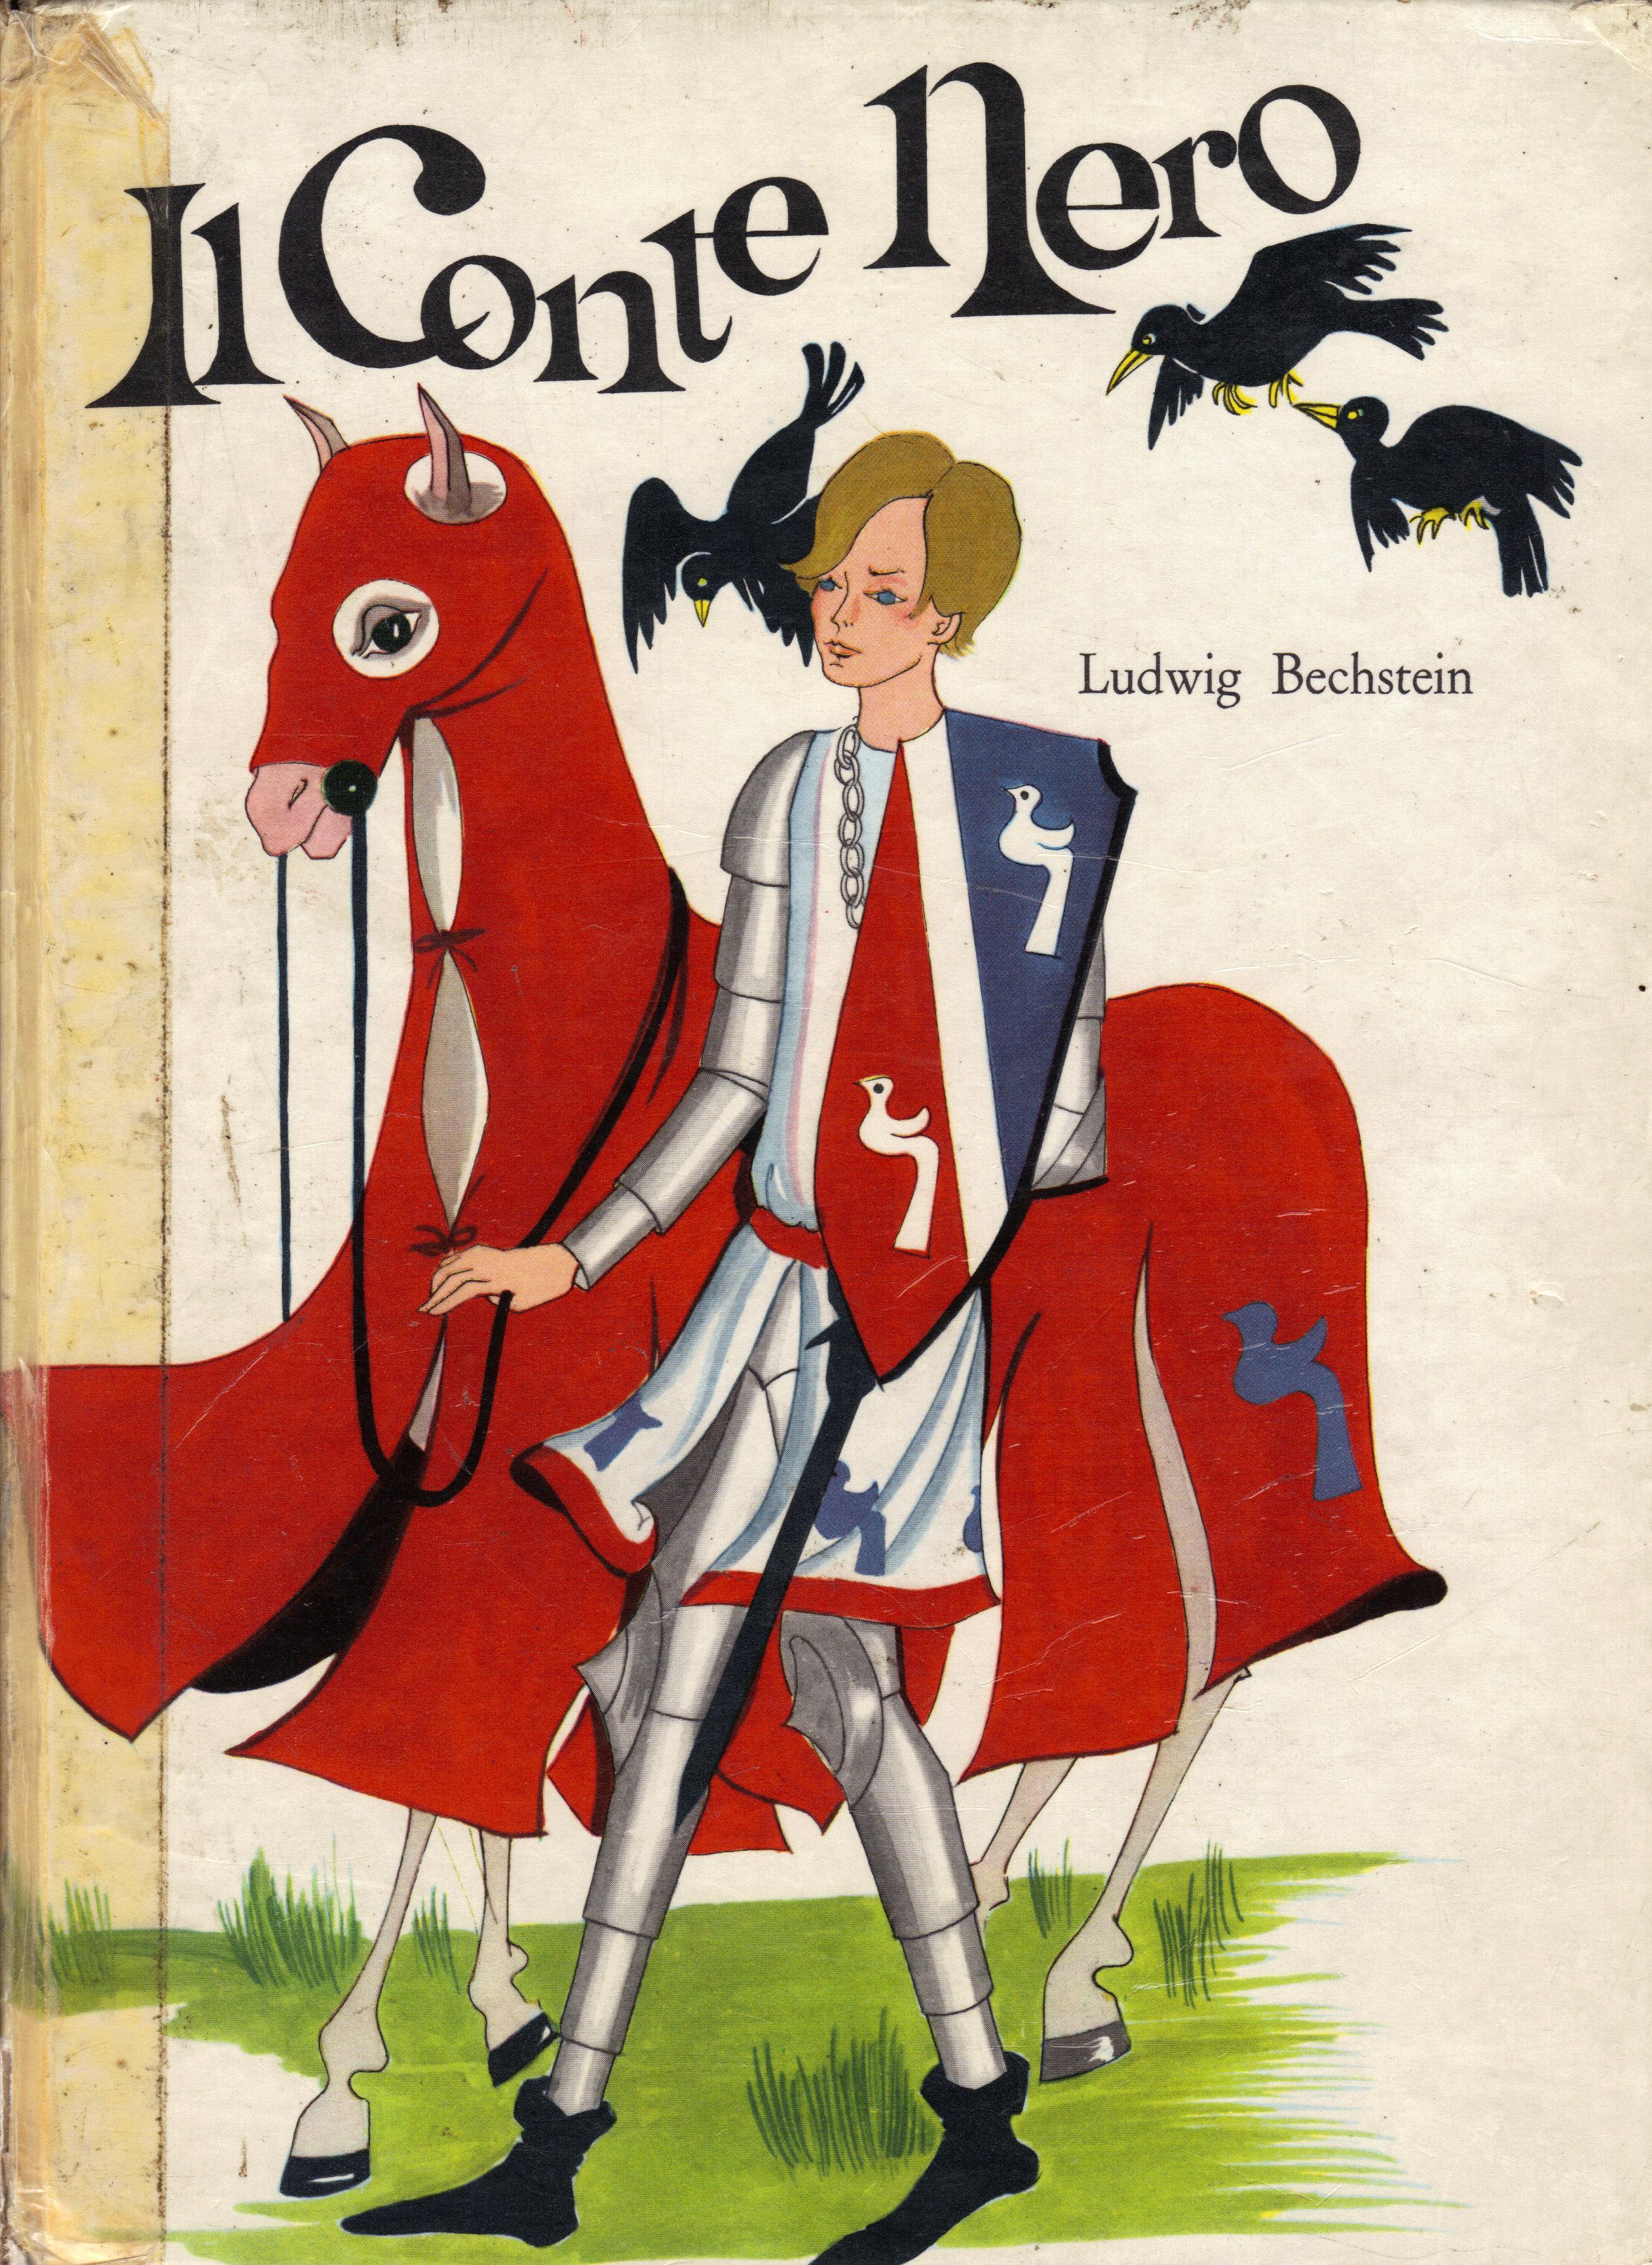 Il Conte Nero